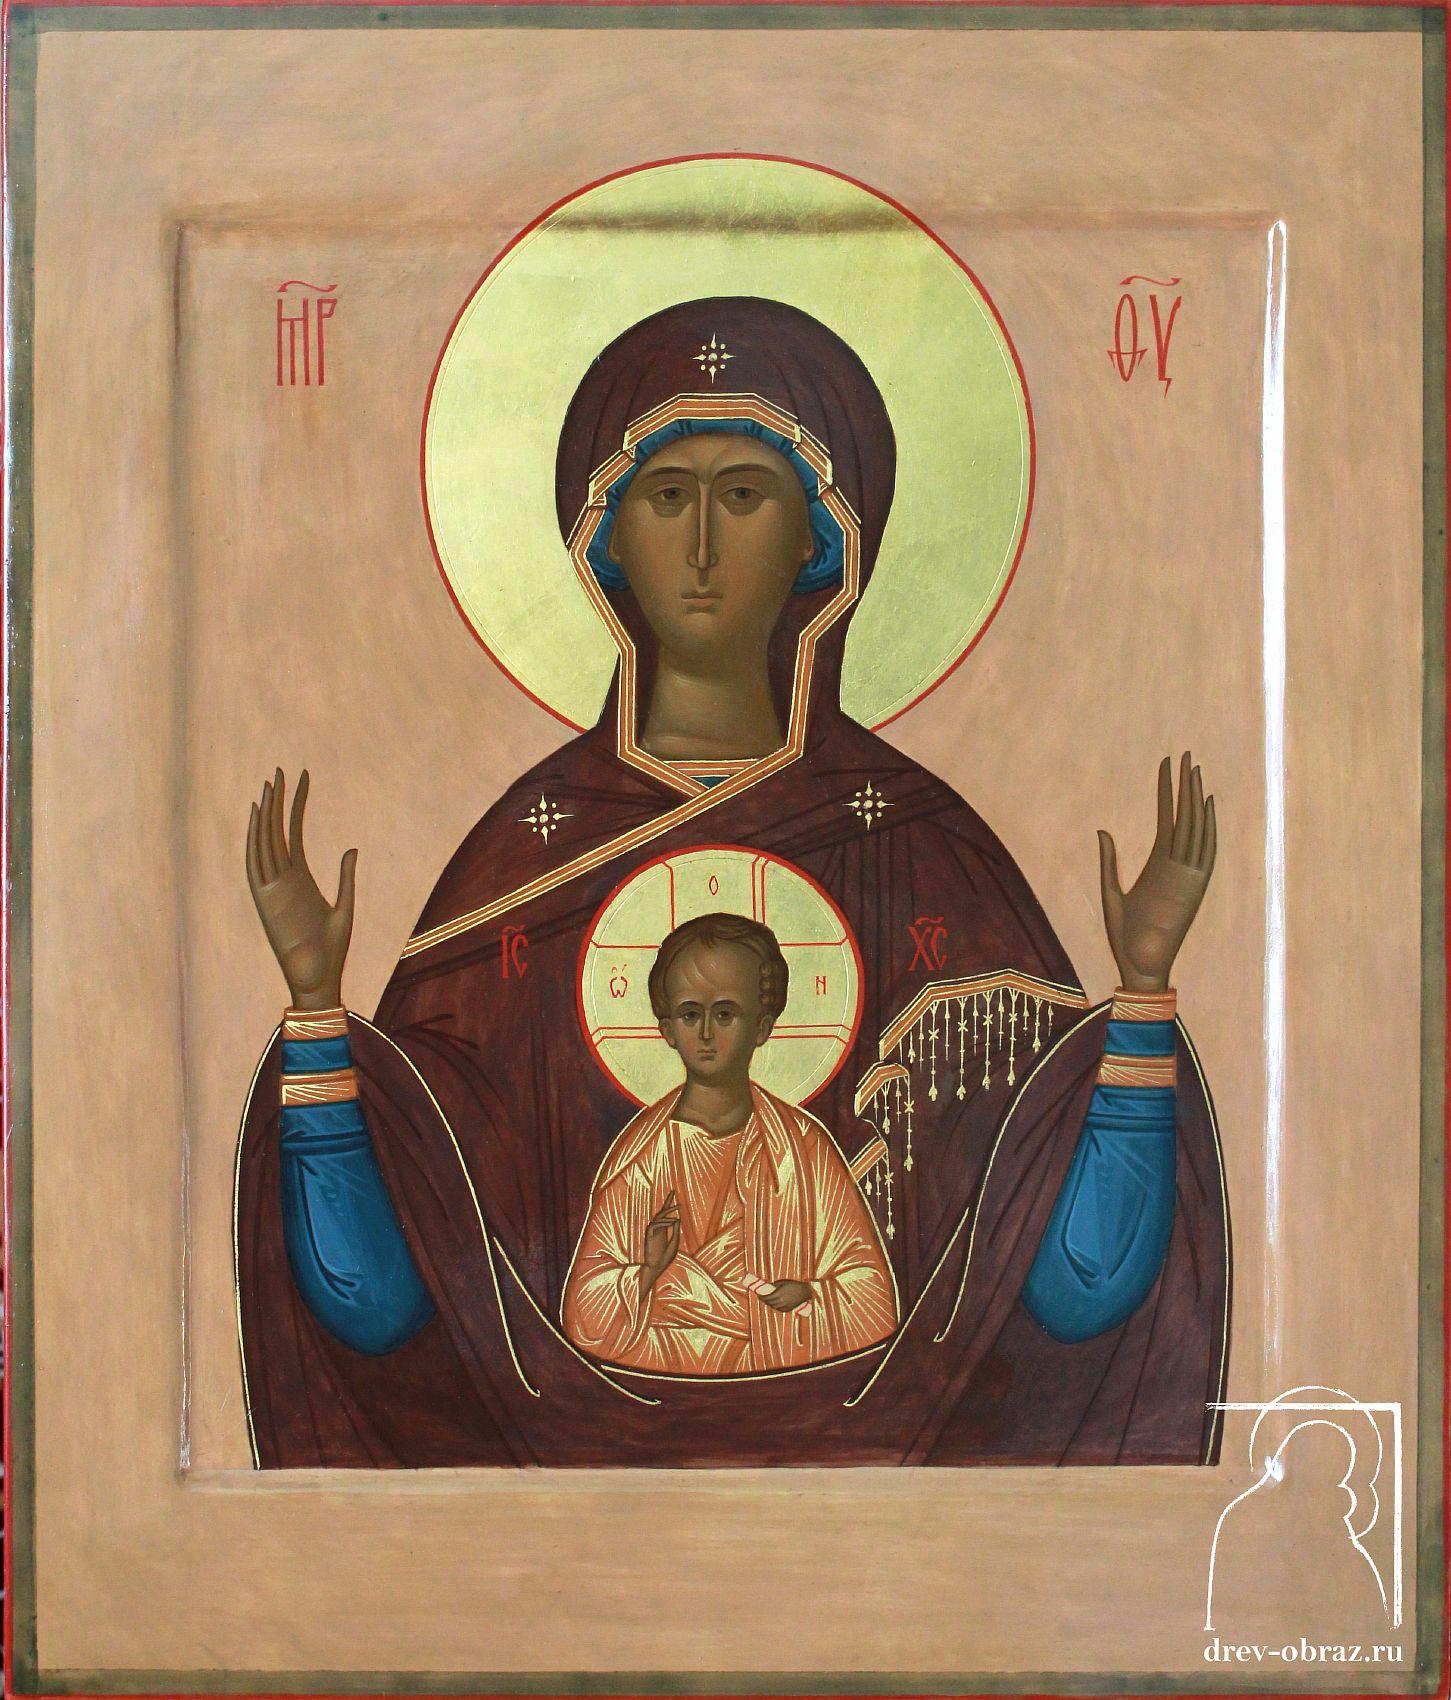 Заказать икону Богородицы 6832